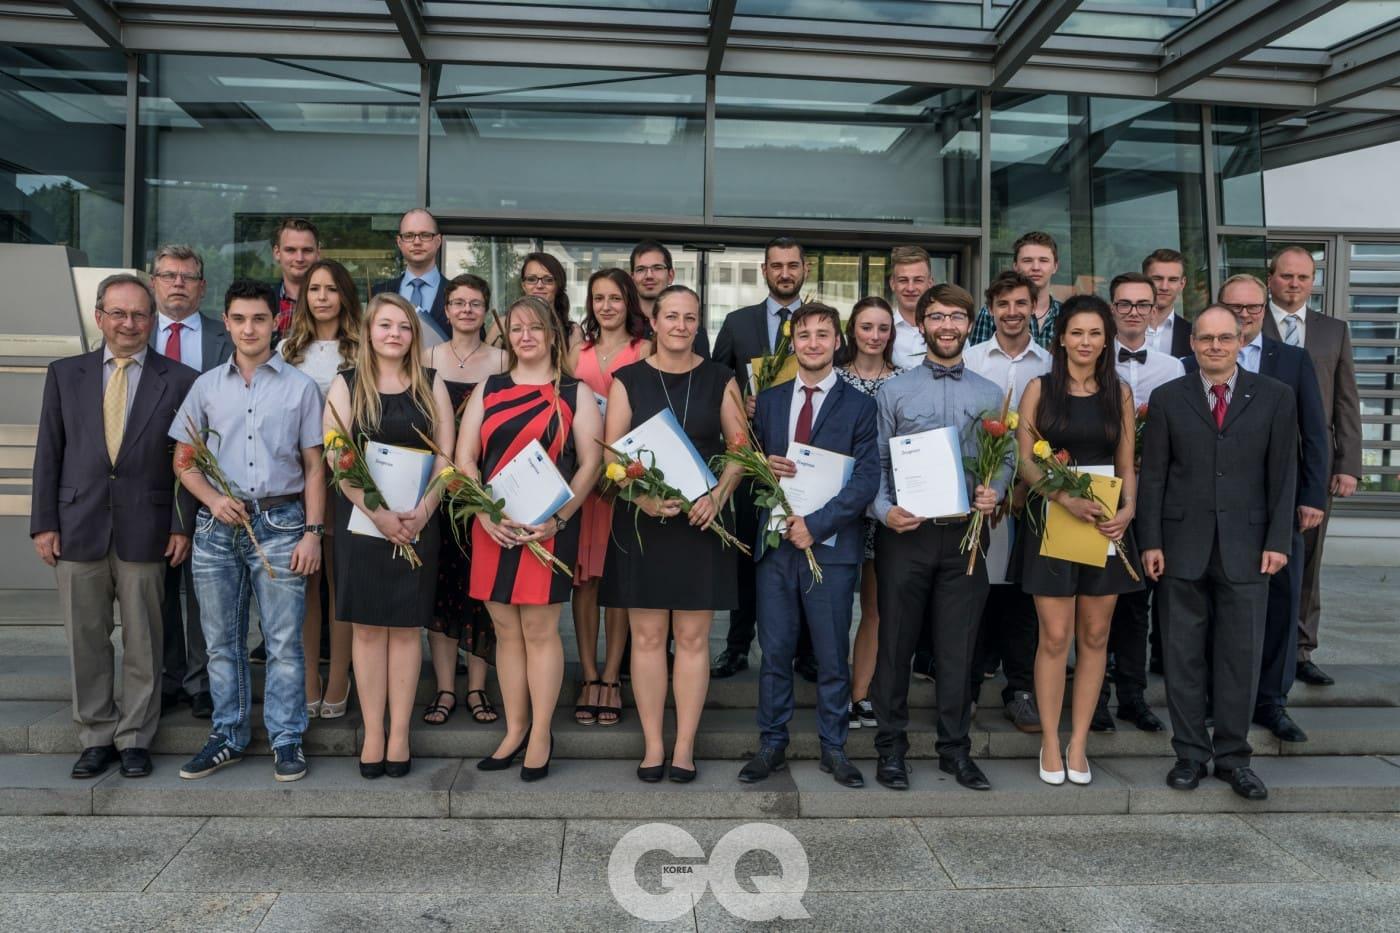 지난 7월 6일에 3년의 교육 과정을 수료한 졸업생들을 위한 행사가 글라슈테 오리지날 매뉴팩처의 아트리움에서 열렸다.